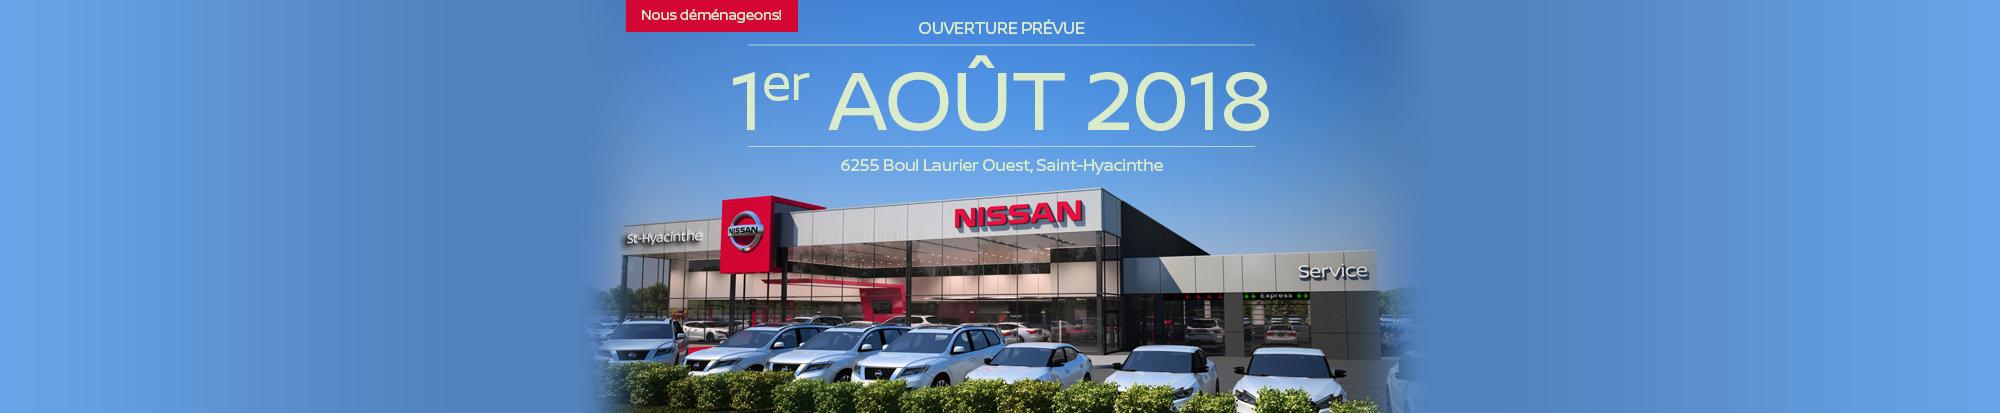 Nissan St-Hyacinthe déménage! - web